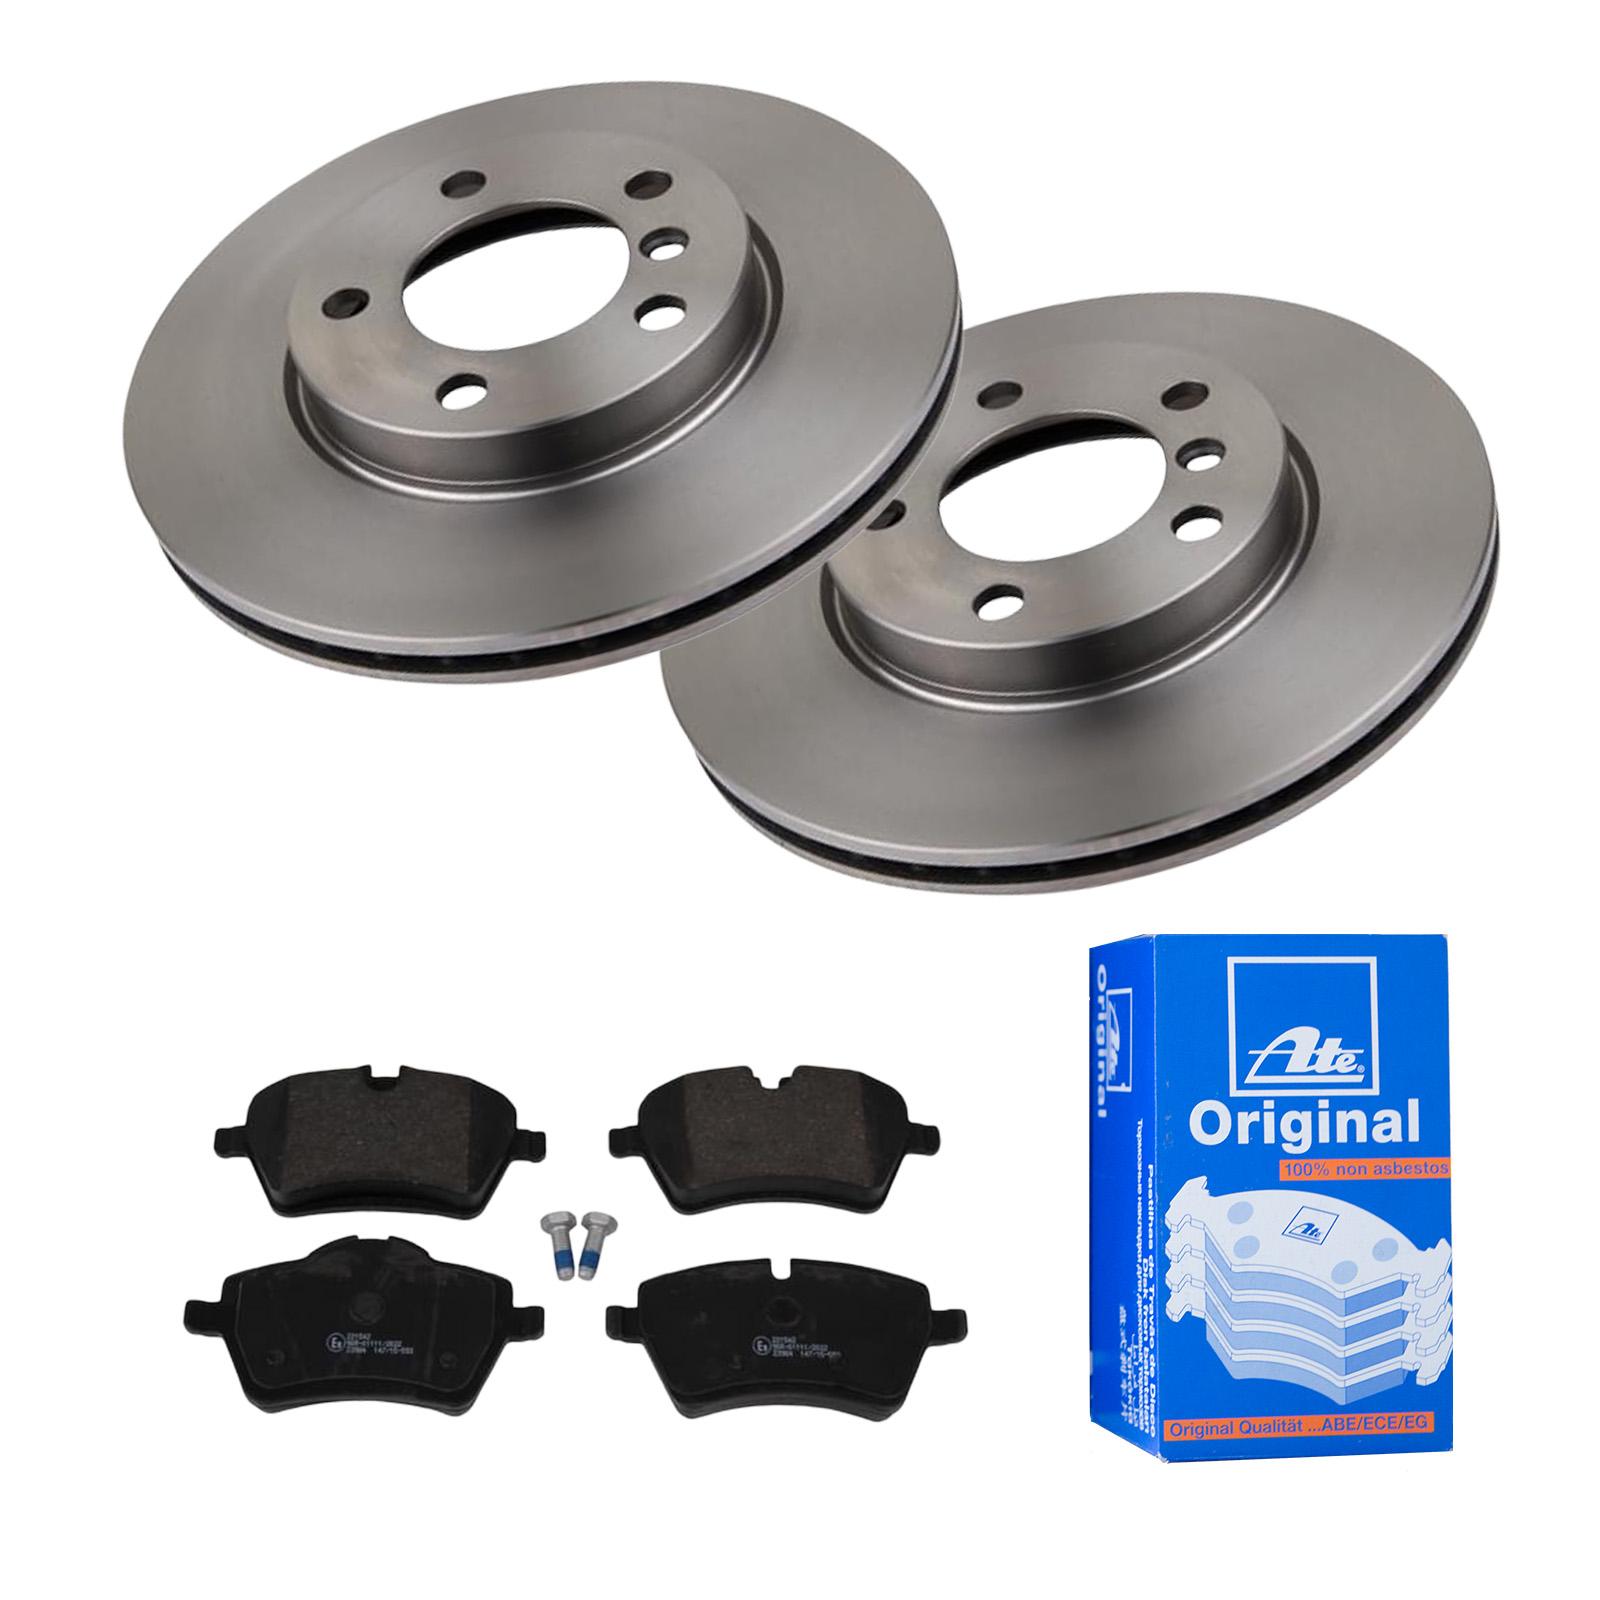 Bremsbeläge Vorne für MINI Bremsensatz, ATE2 Bremsscheiben Belüftet 294 mm